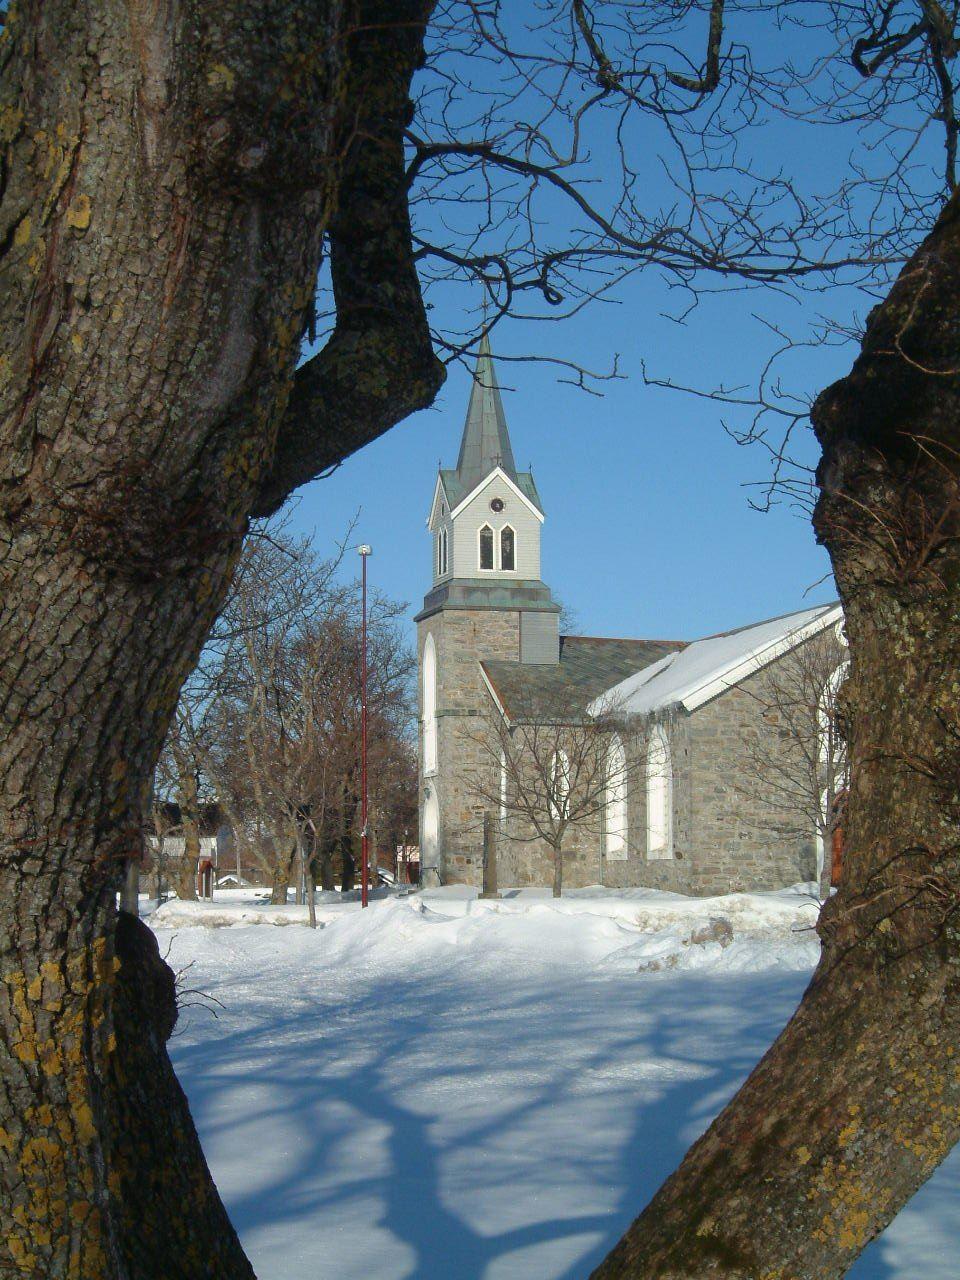 Magnar Solbakk,  © Magnar Solbakk, Brønnøy Kirke